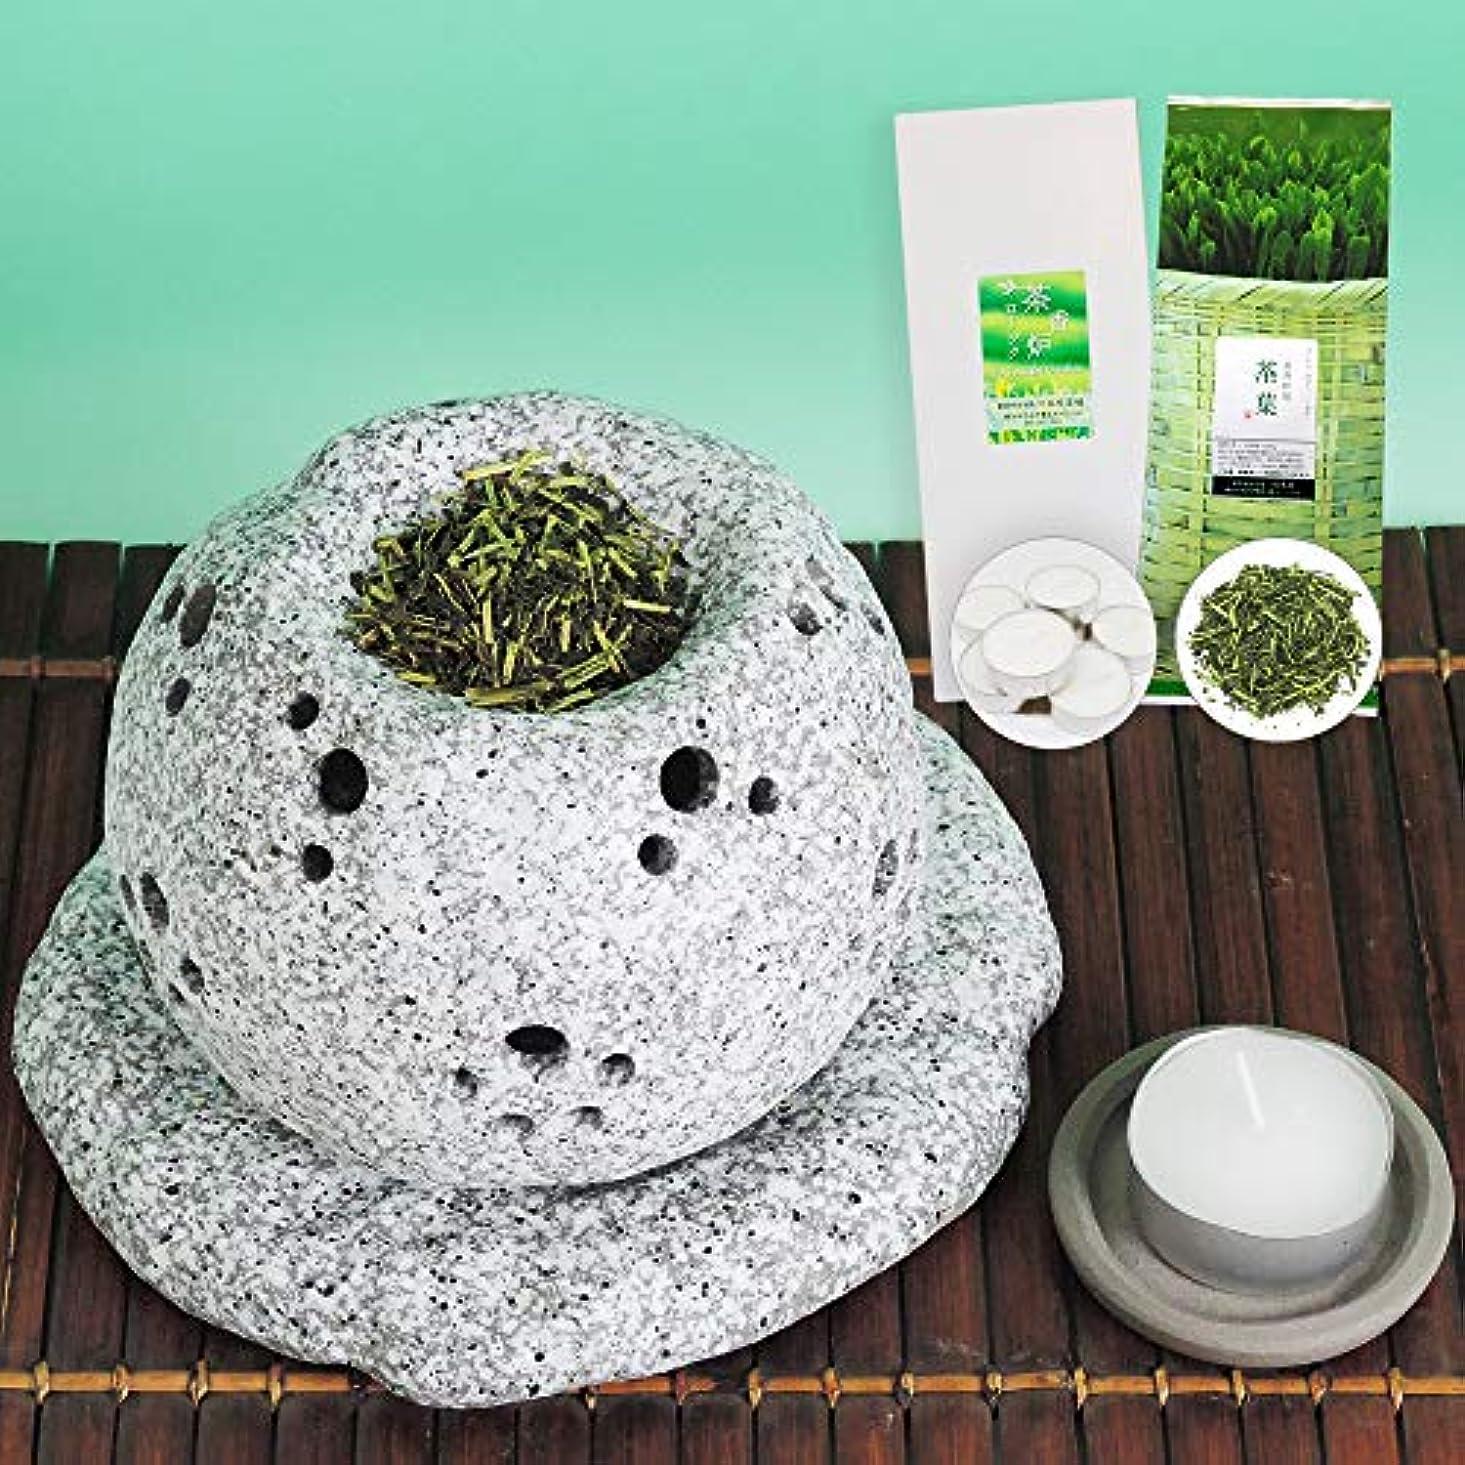 元祖 茶香炉セット 茶香炉専用茶葉&ローソク付 川本屋茶舗